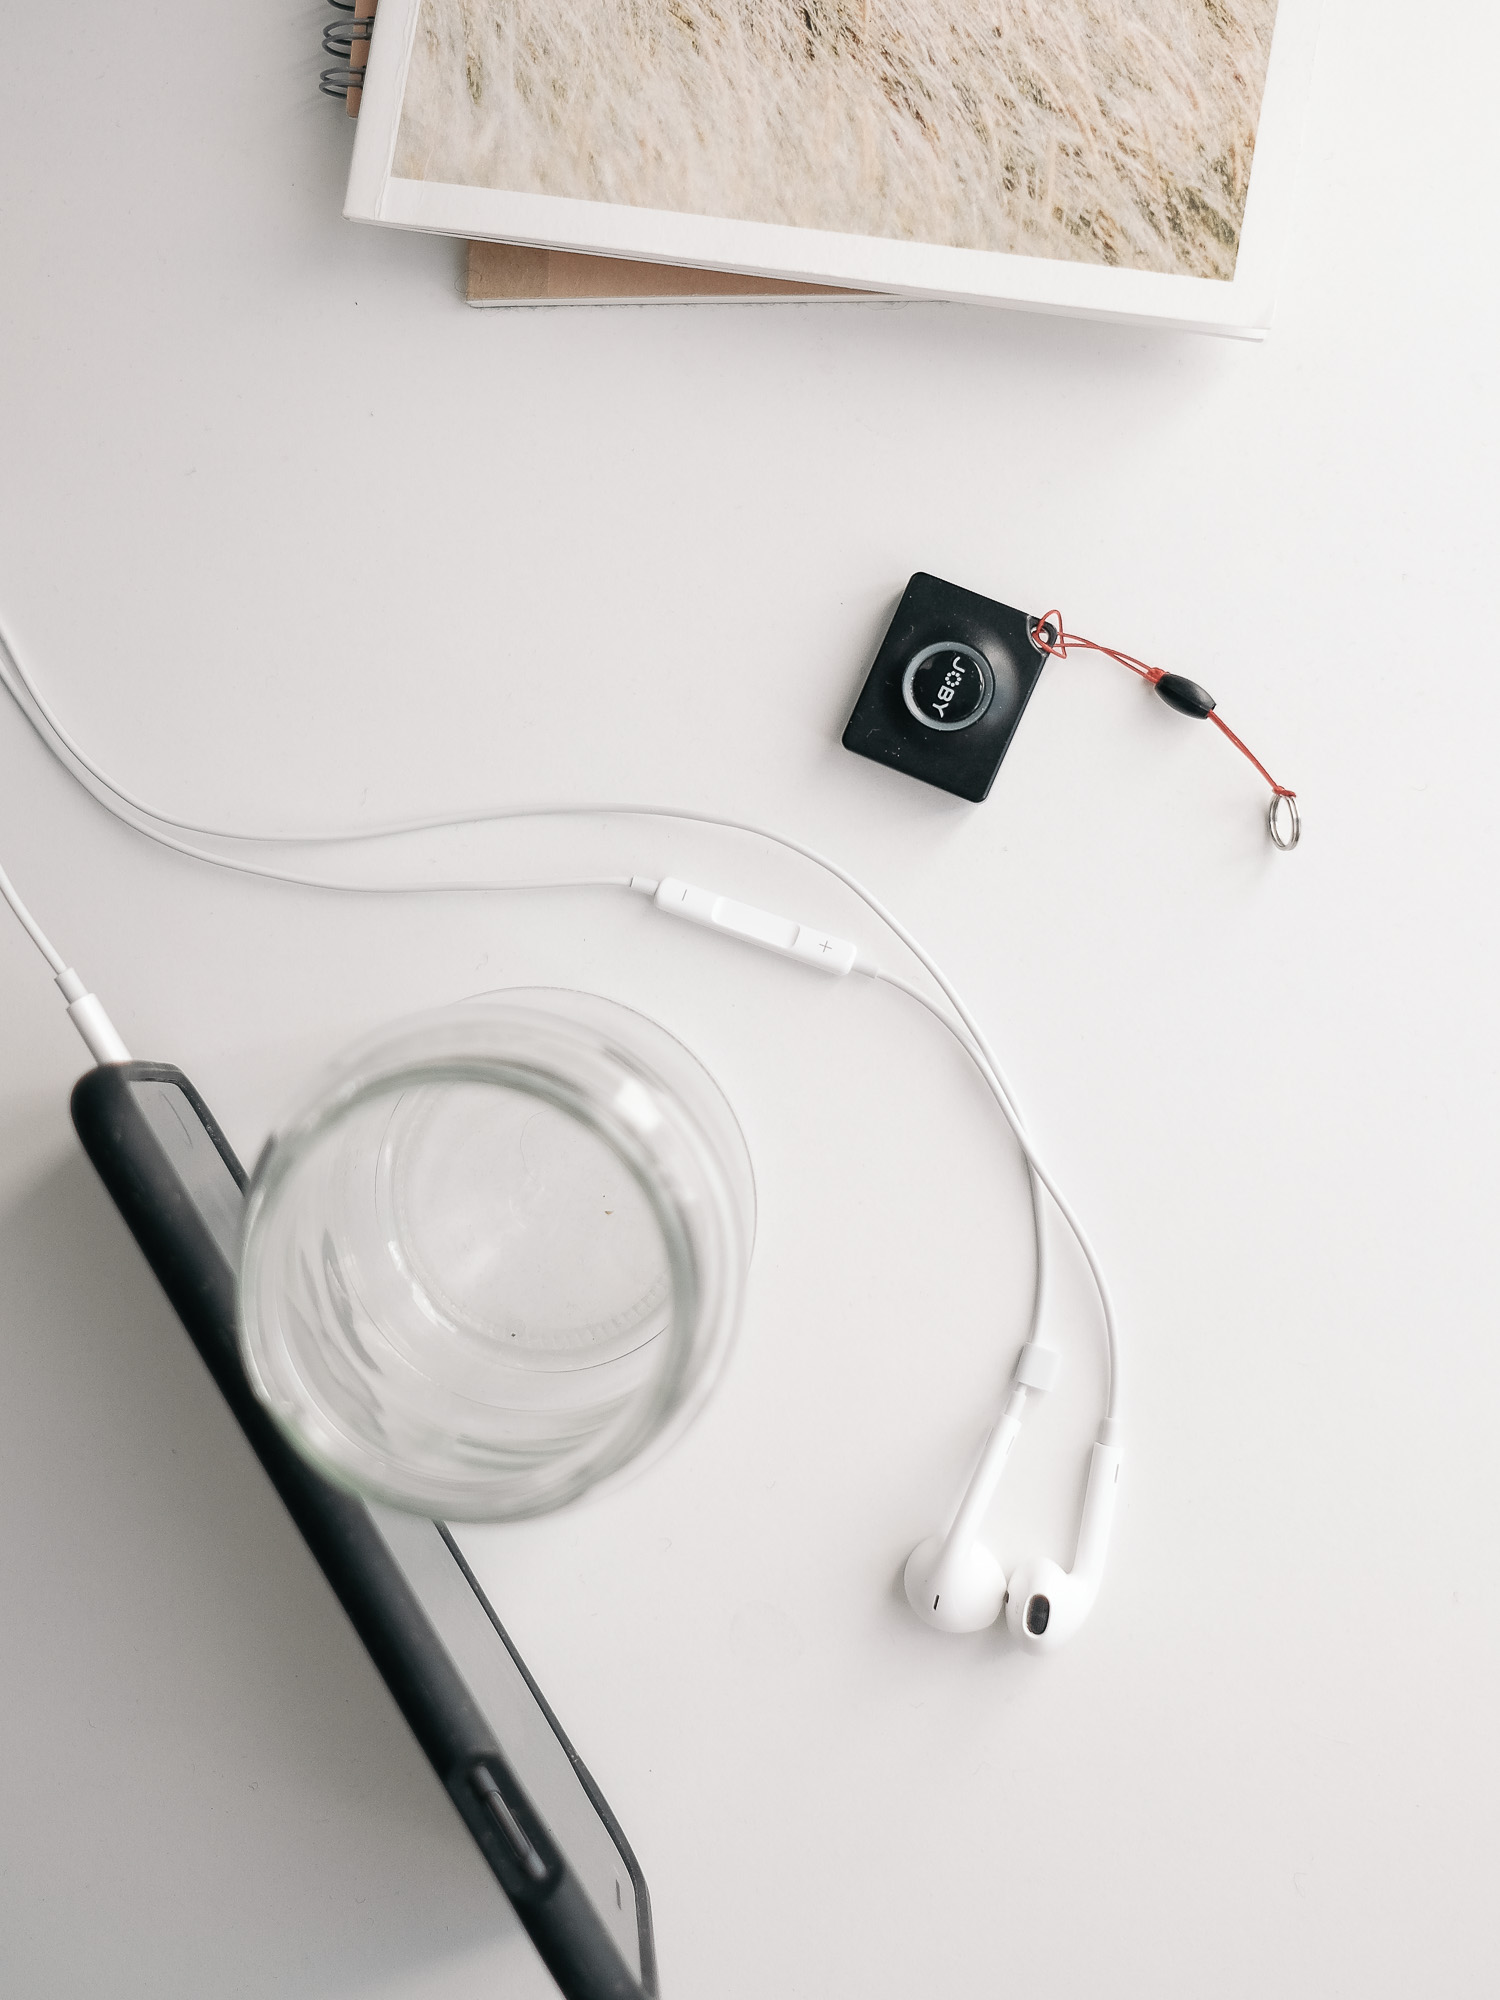 Fernauslöser und Kopföher für die Aufnahme mit der Smartphone Kamera